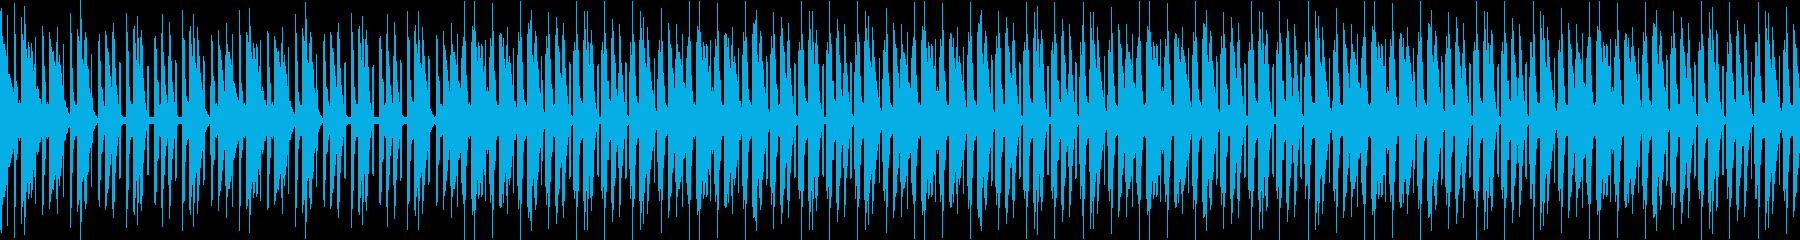 陶酔感のあるシンセが特徴的なスローテクノの再生済みの波形